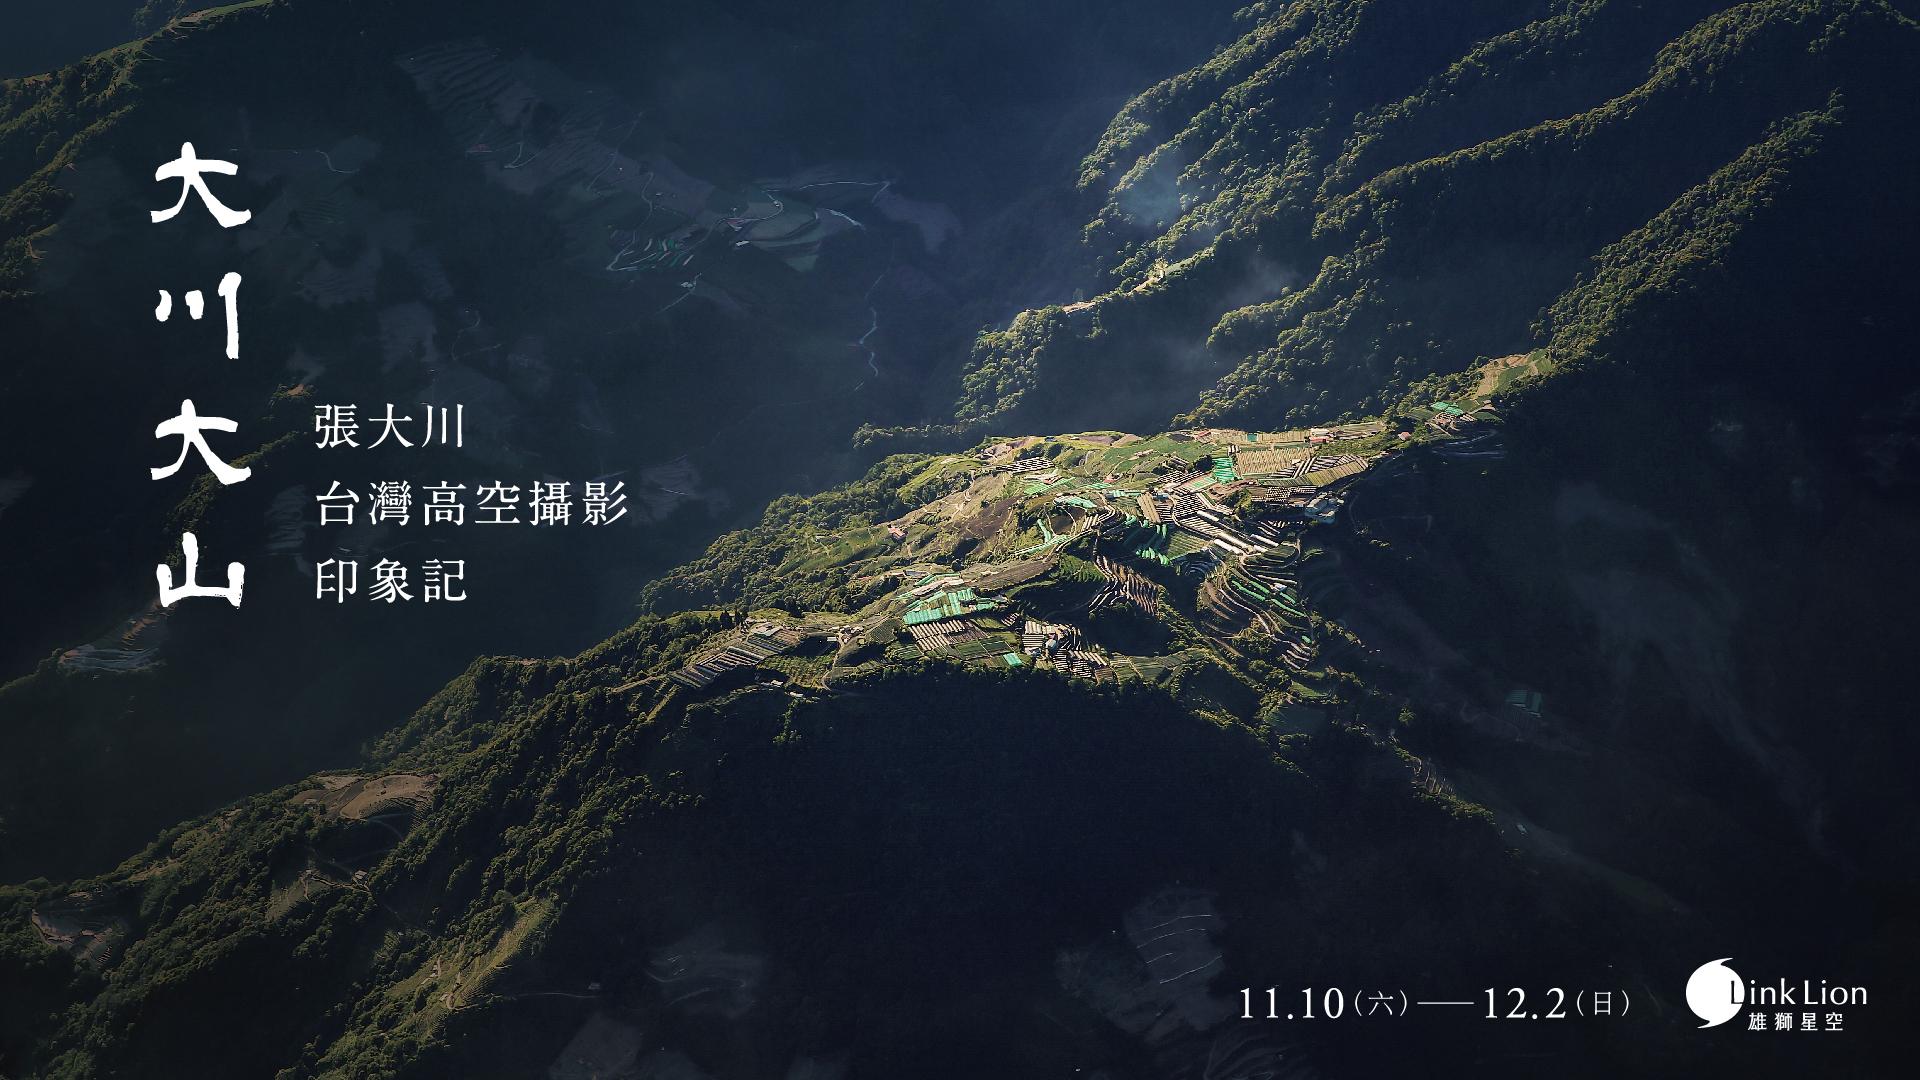 大川臉書活動頁圖-01.jpg